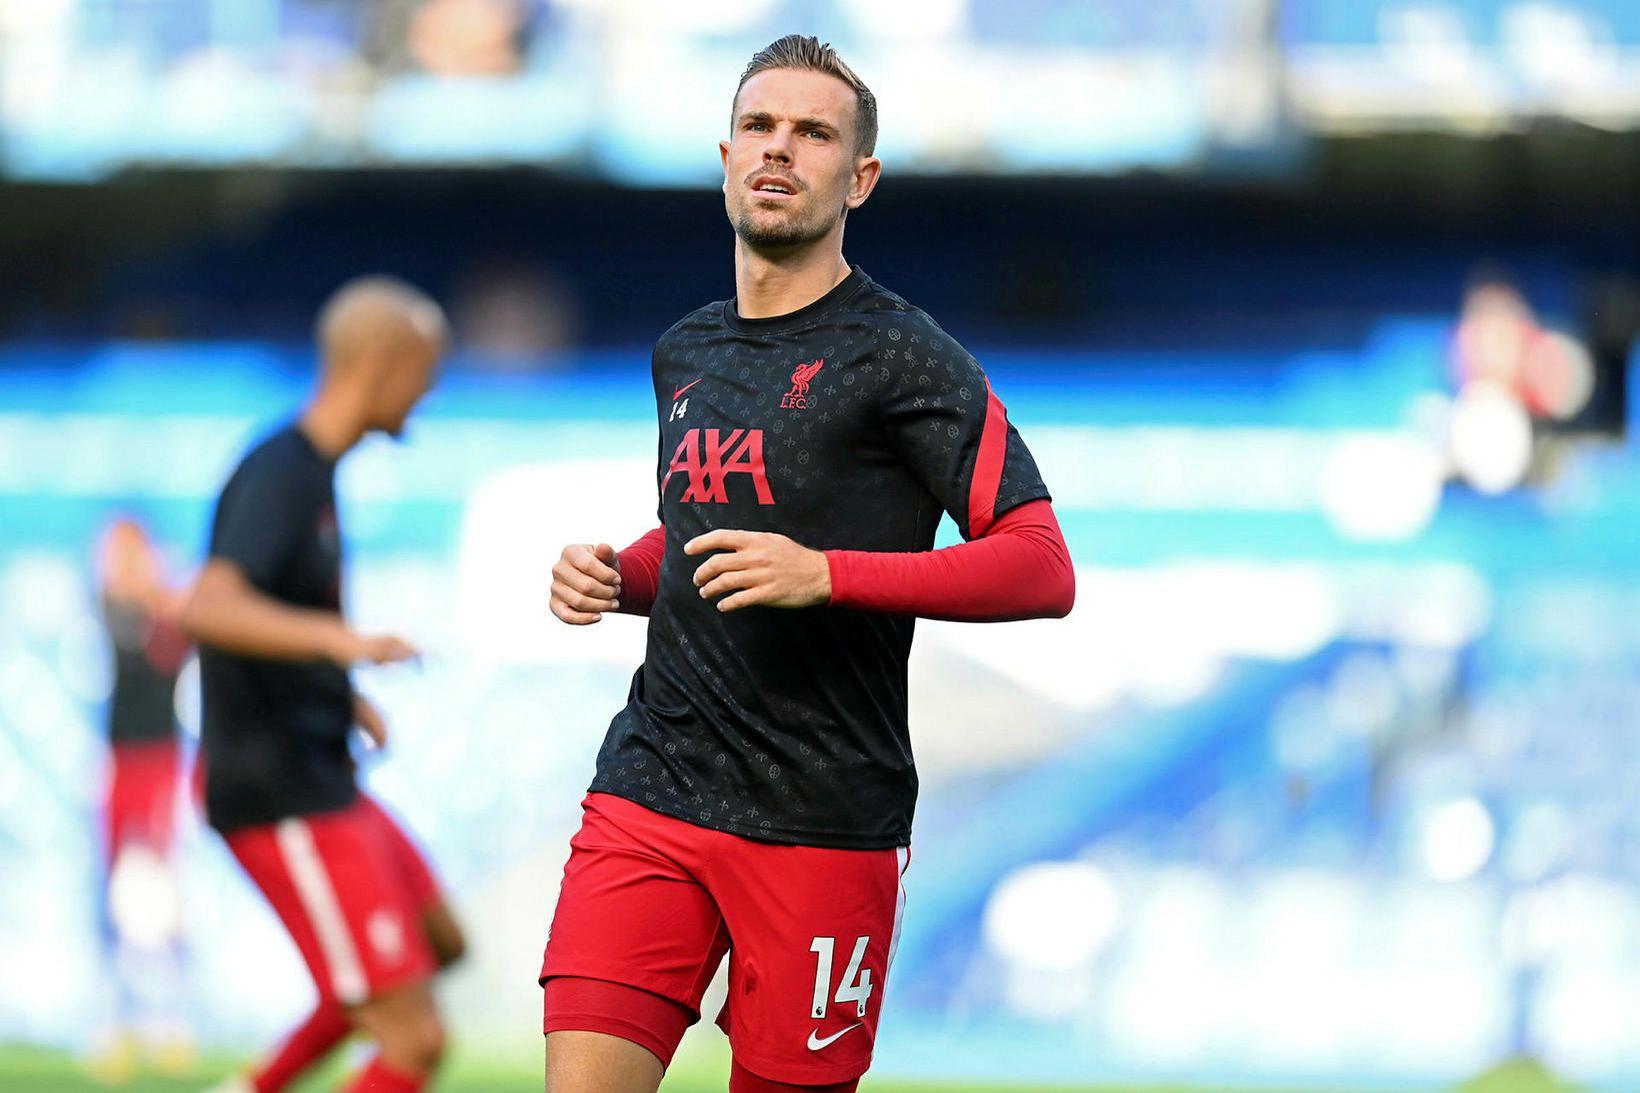 Jordan Henderson fór meiddur af velli í hálfleik gegn Chelsea …